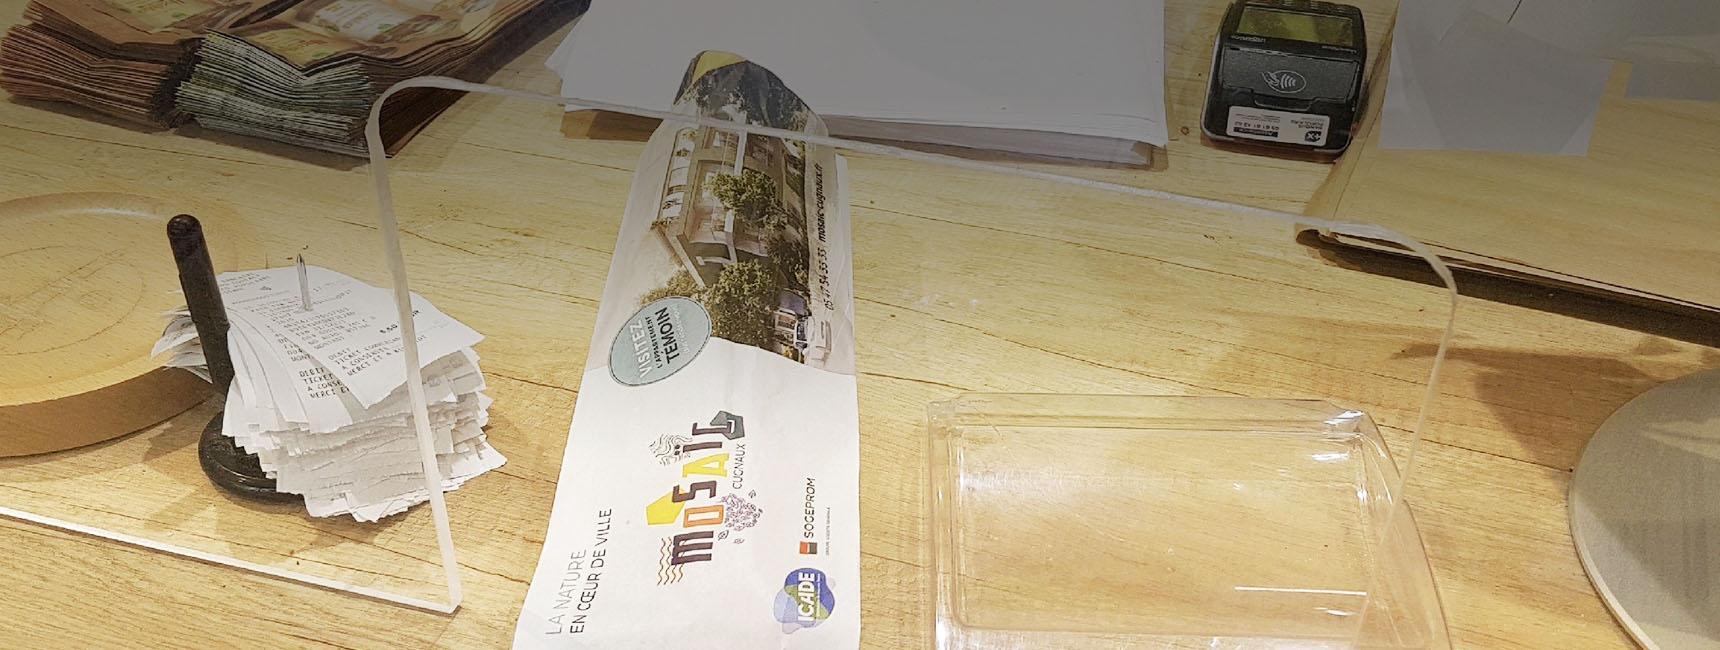 Dispositif de sacs à pain pour SCCV Leo Lagrange - Keemia Toulouse agence de Marketing locale en région Occitanie